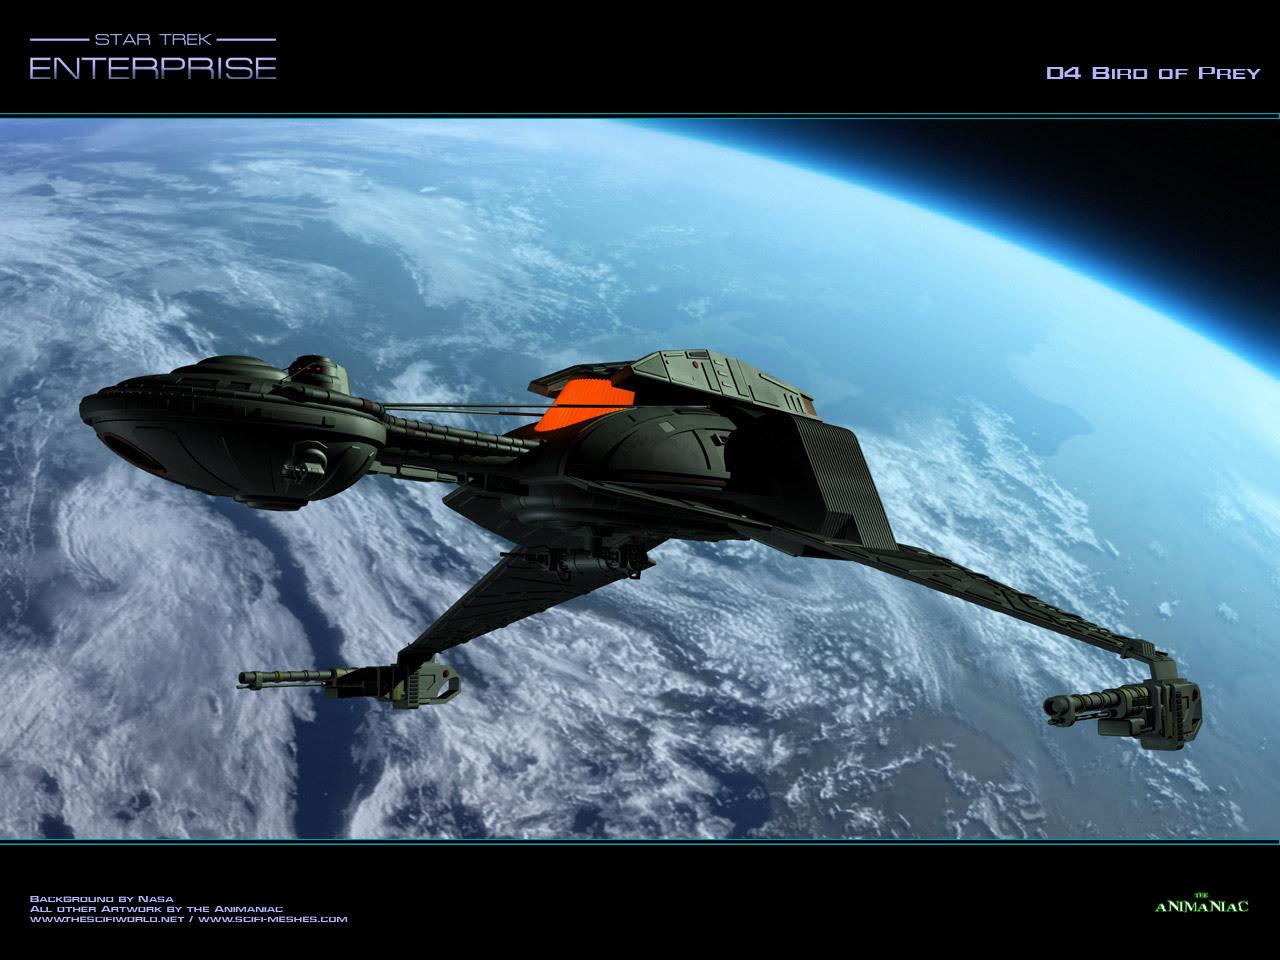 Bird Of Prey Klingons Wallpaper 12879571 Fanpop